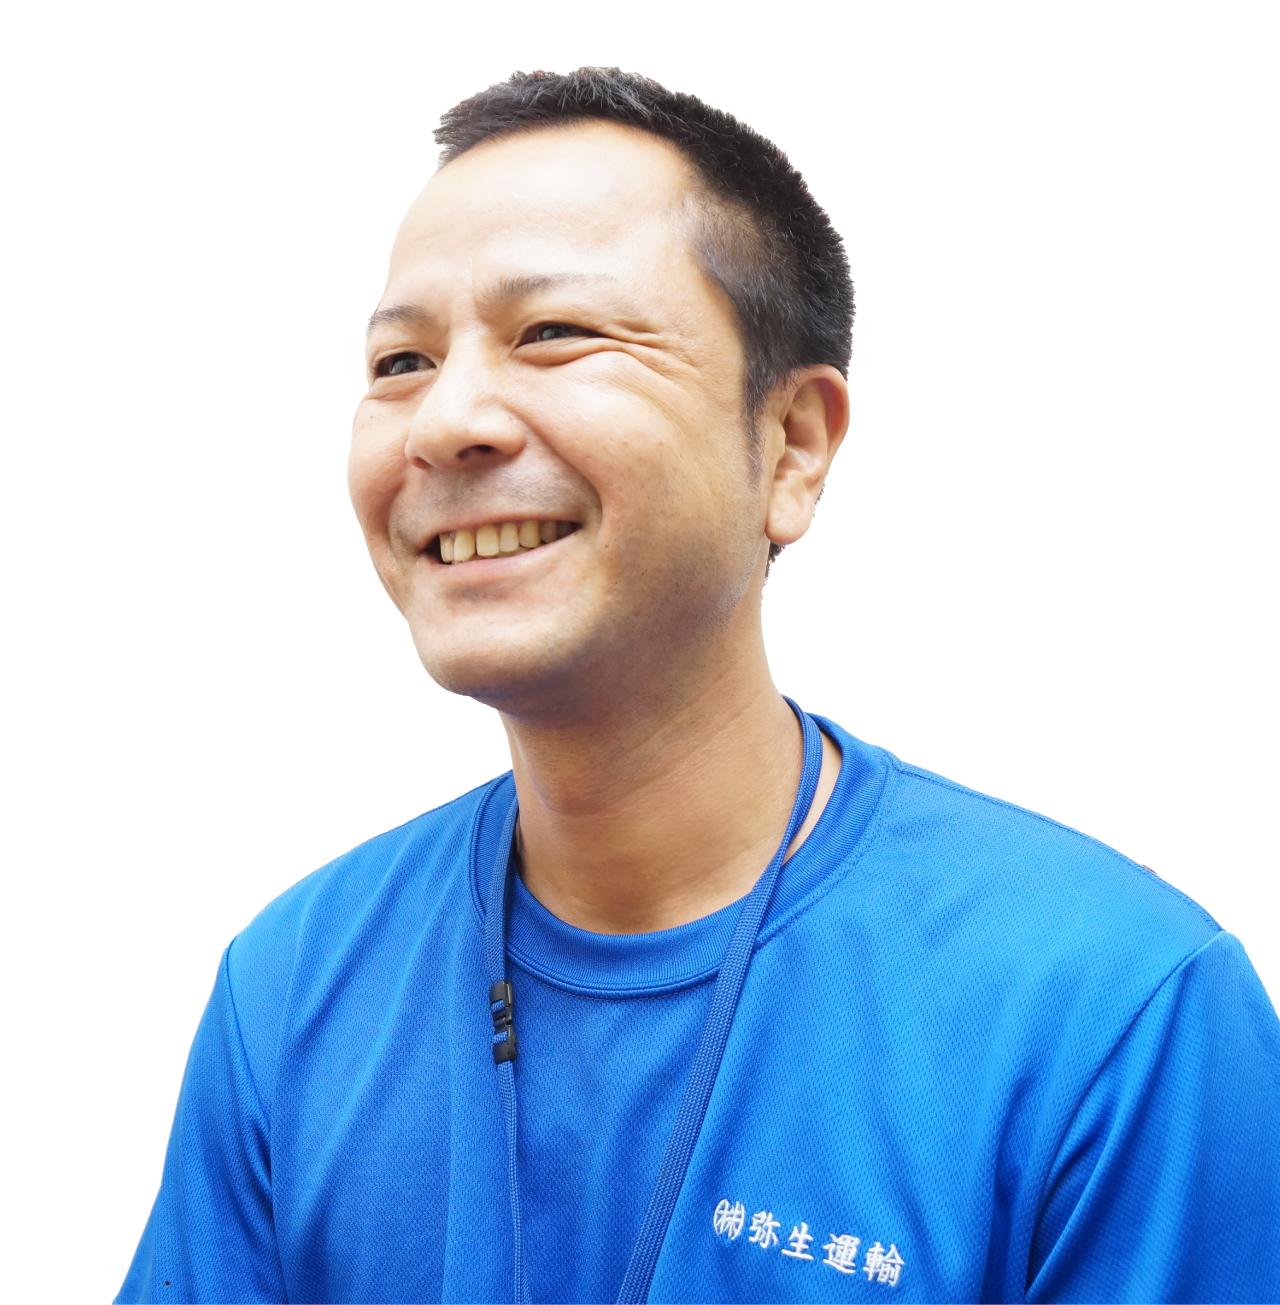 弥生運輸 トラック 運転手 インタビュー1